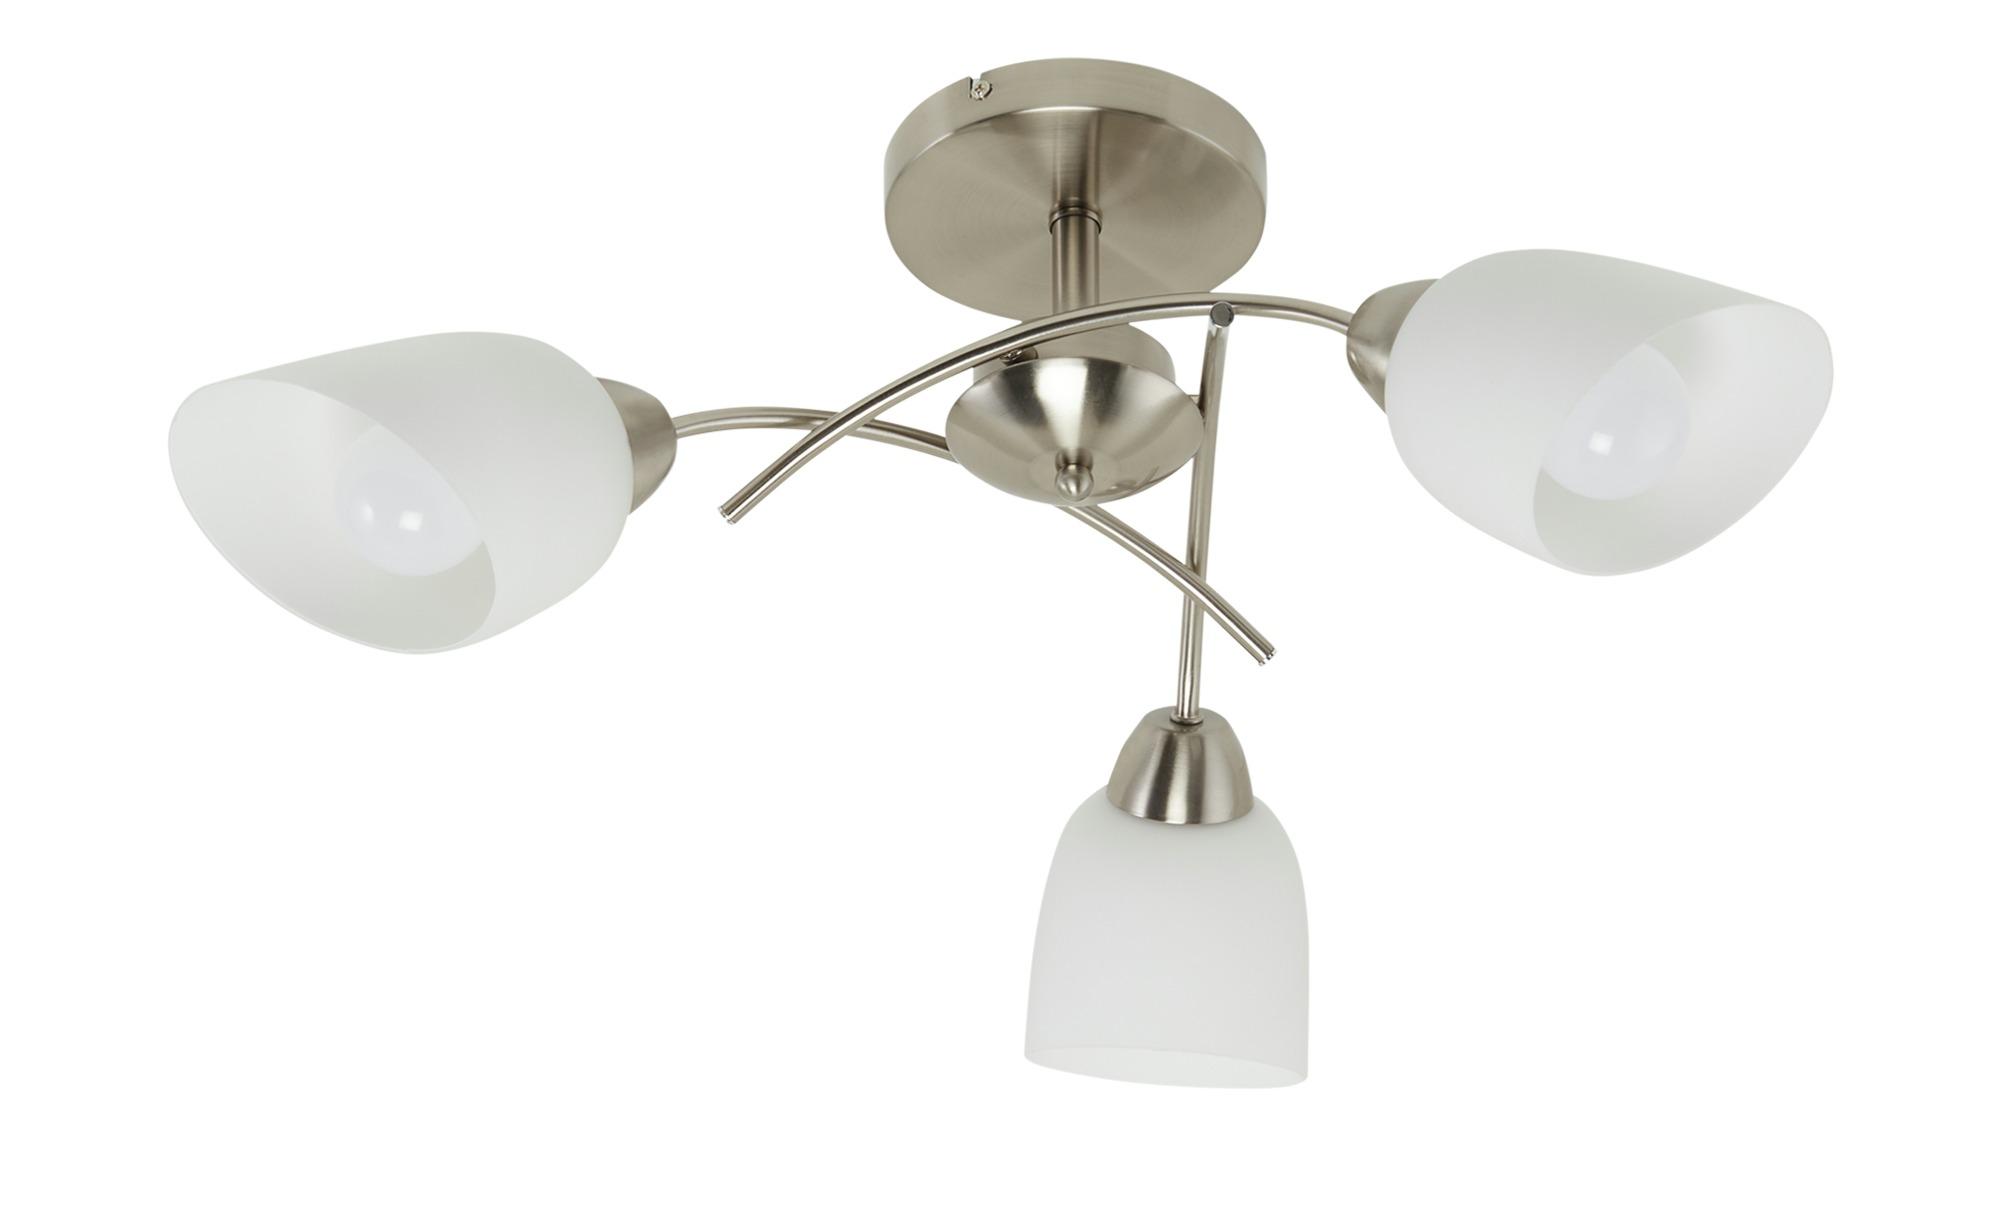 Deckenleuchte, 3-flammig, Nickel-matt, Glas weiß ¦ silber ¦ Maße (cm): H: 29 Ø: 70 Lampen & Leuchten > Innenleuchten > Deckenleuchten - Höffner